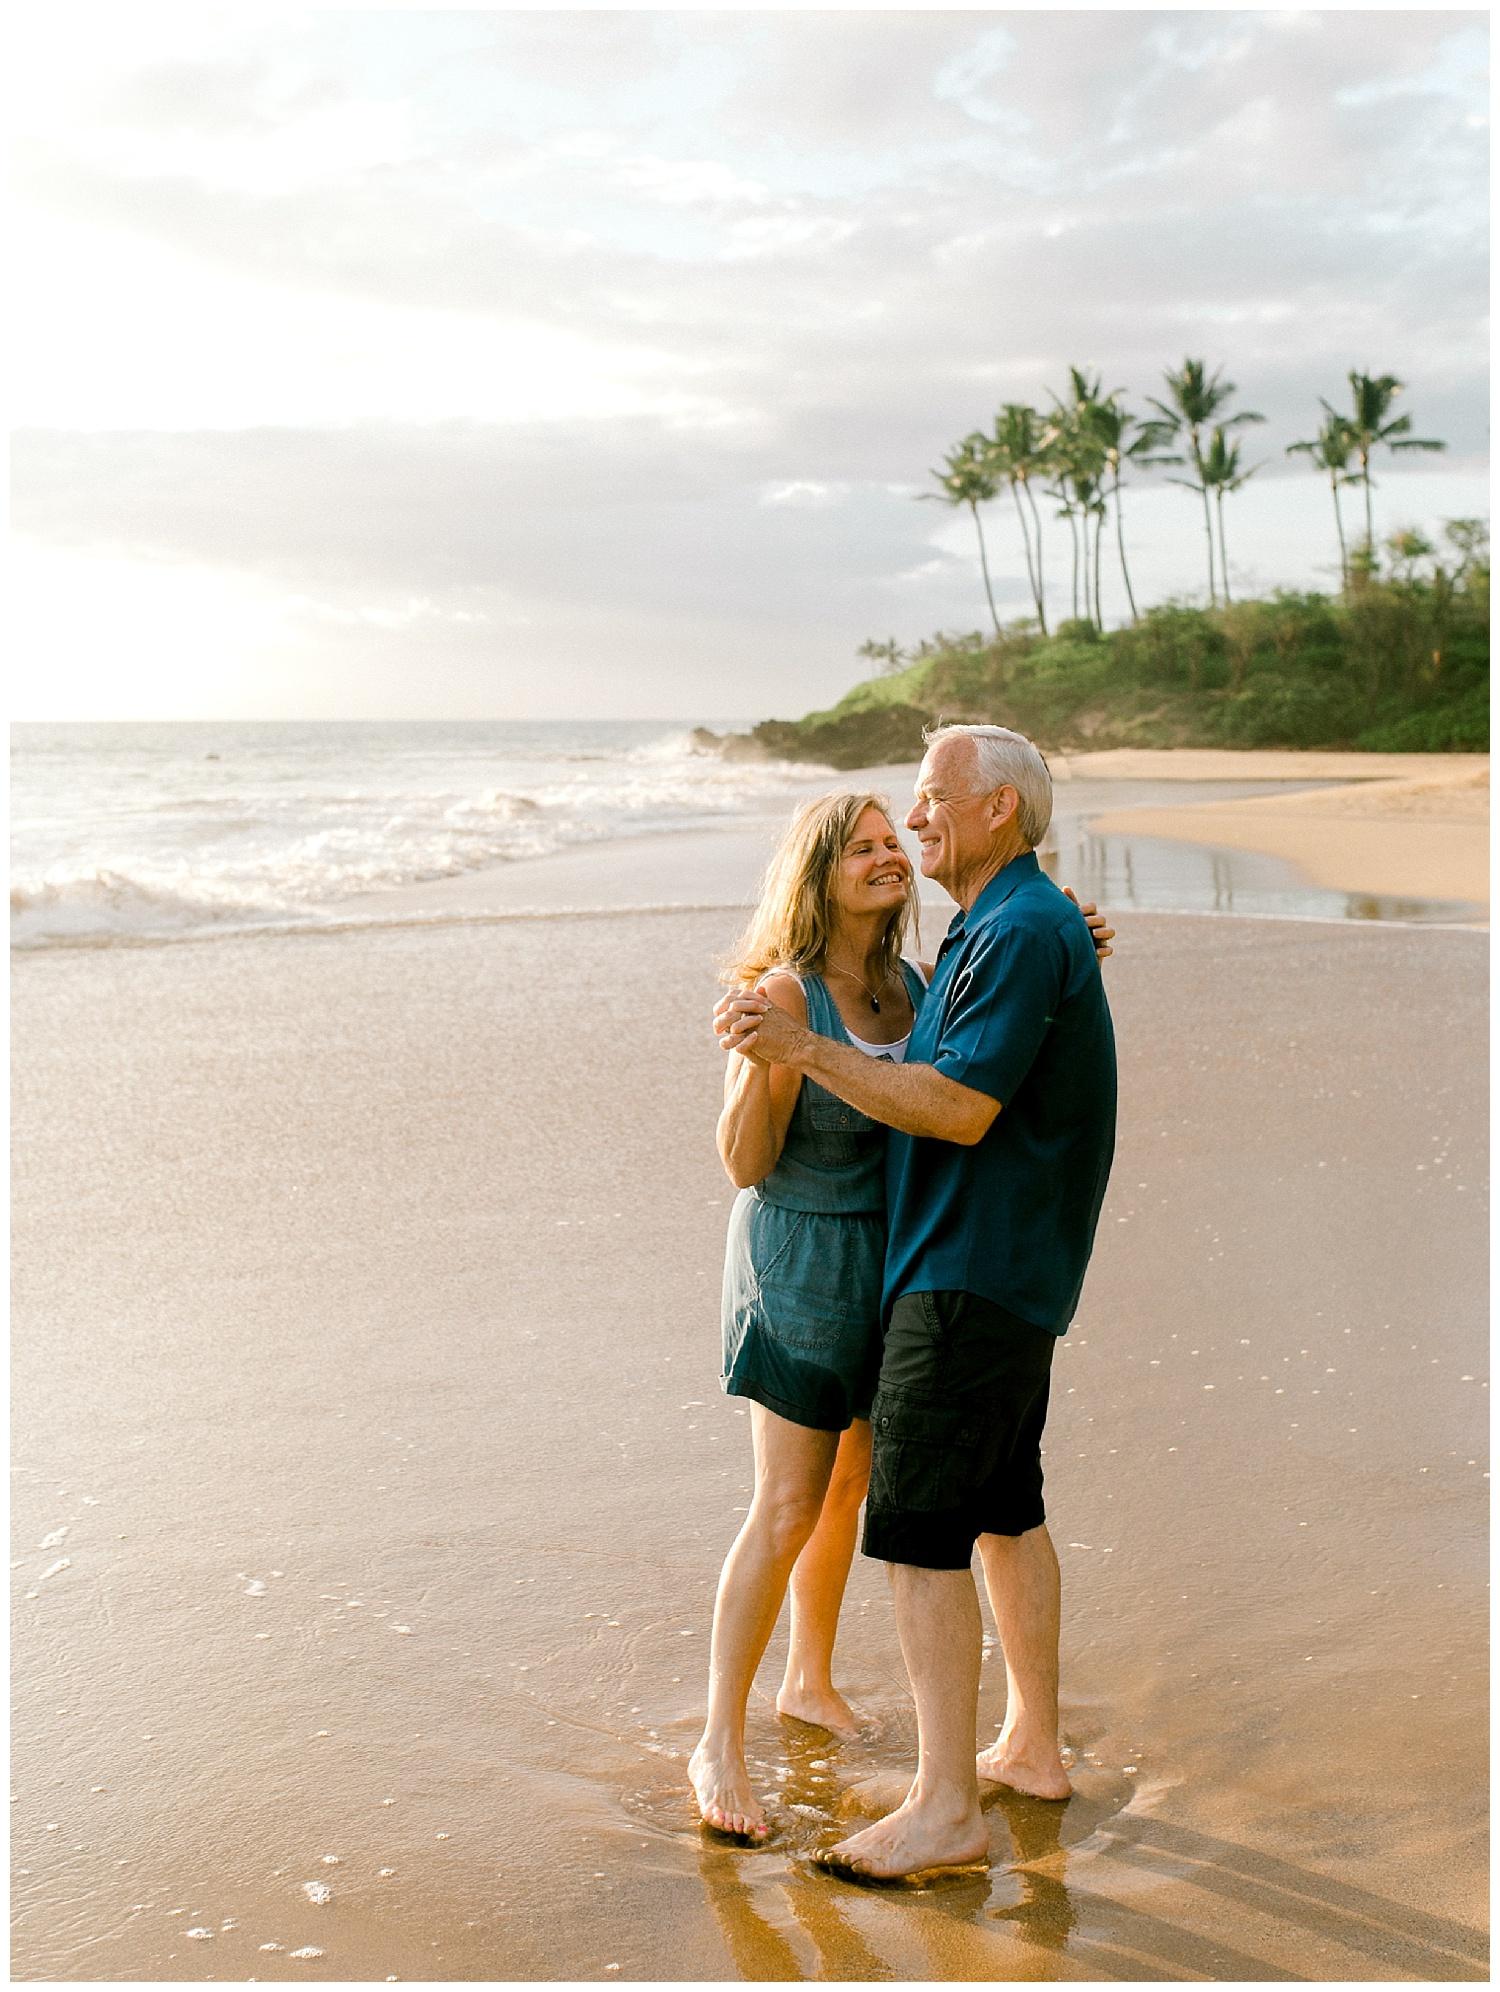 Maui-Anniversary-Photography-Wailea-Maui_0016.jpg